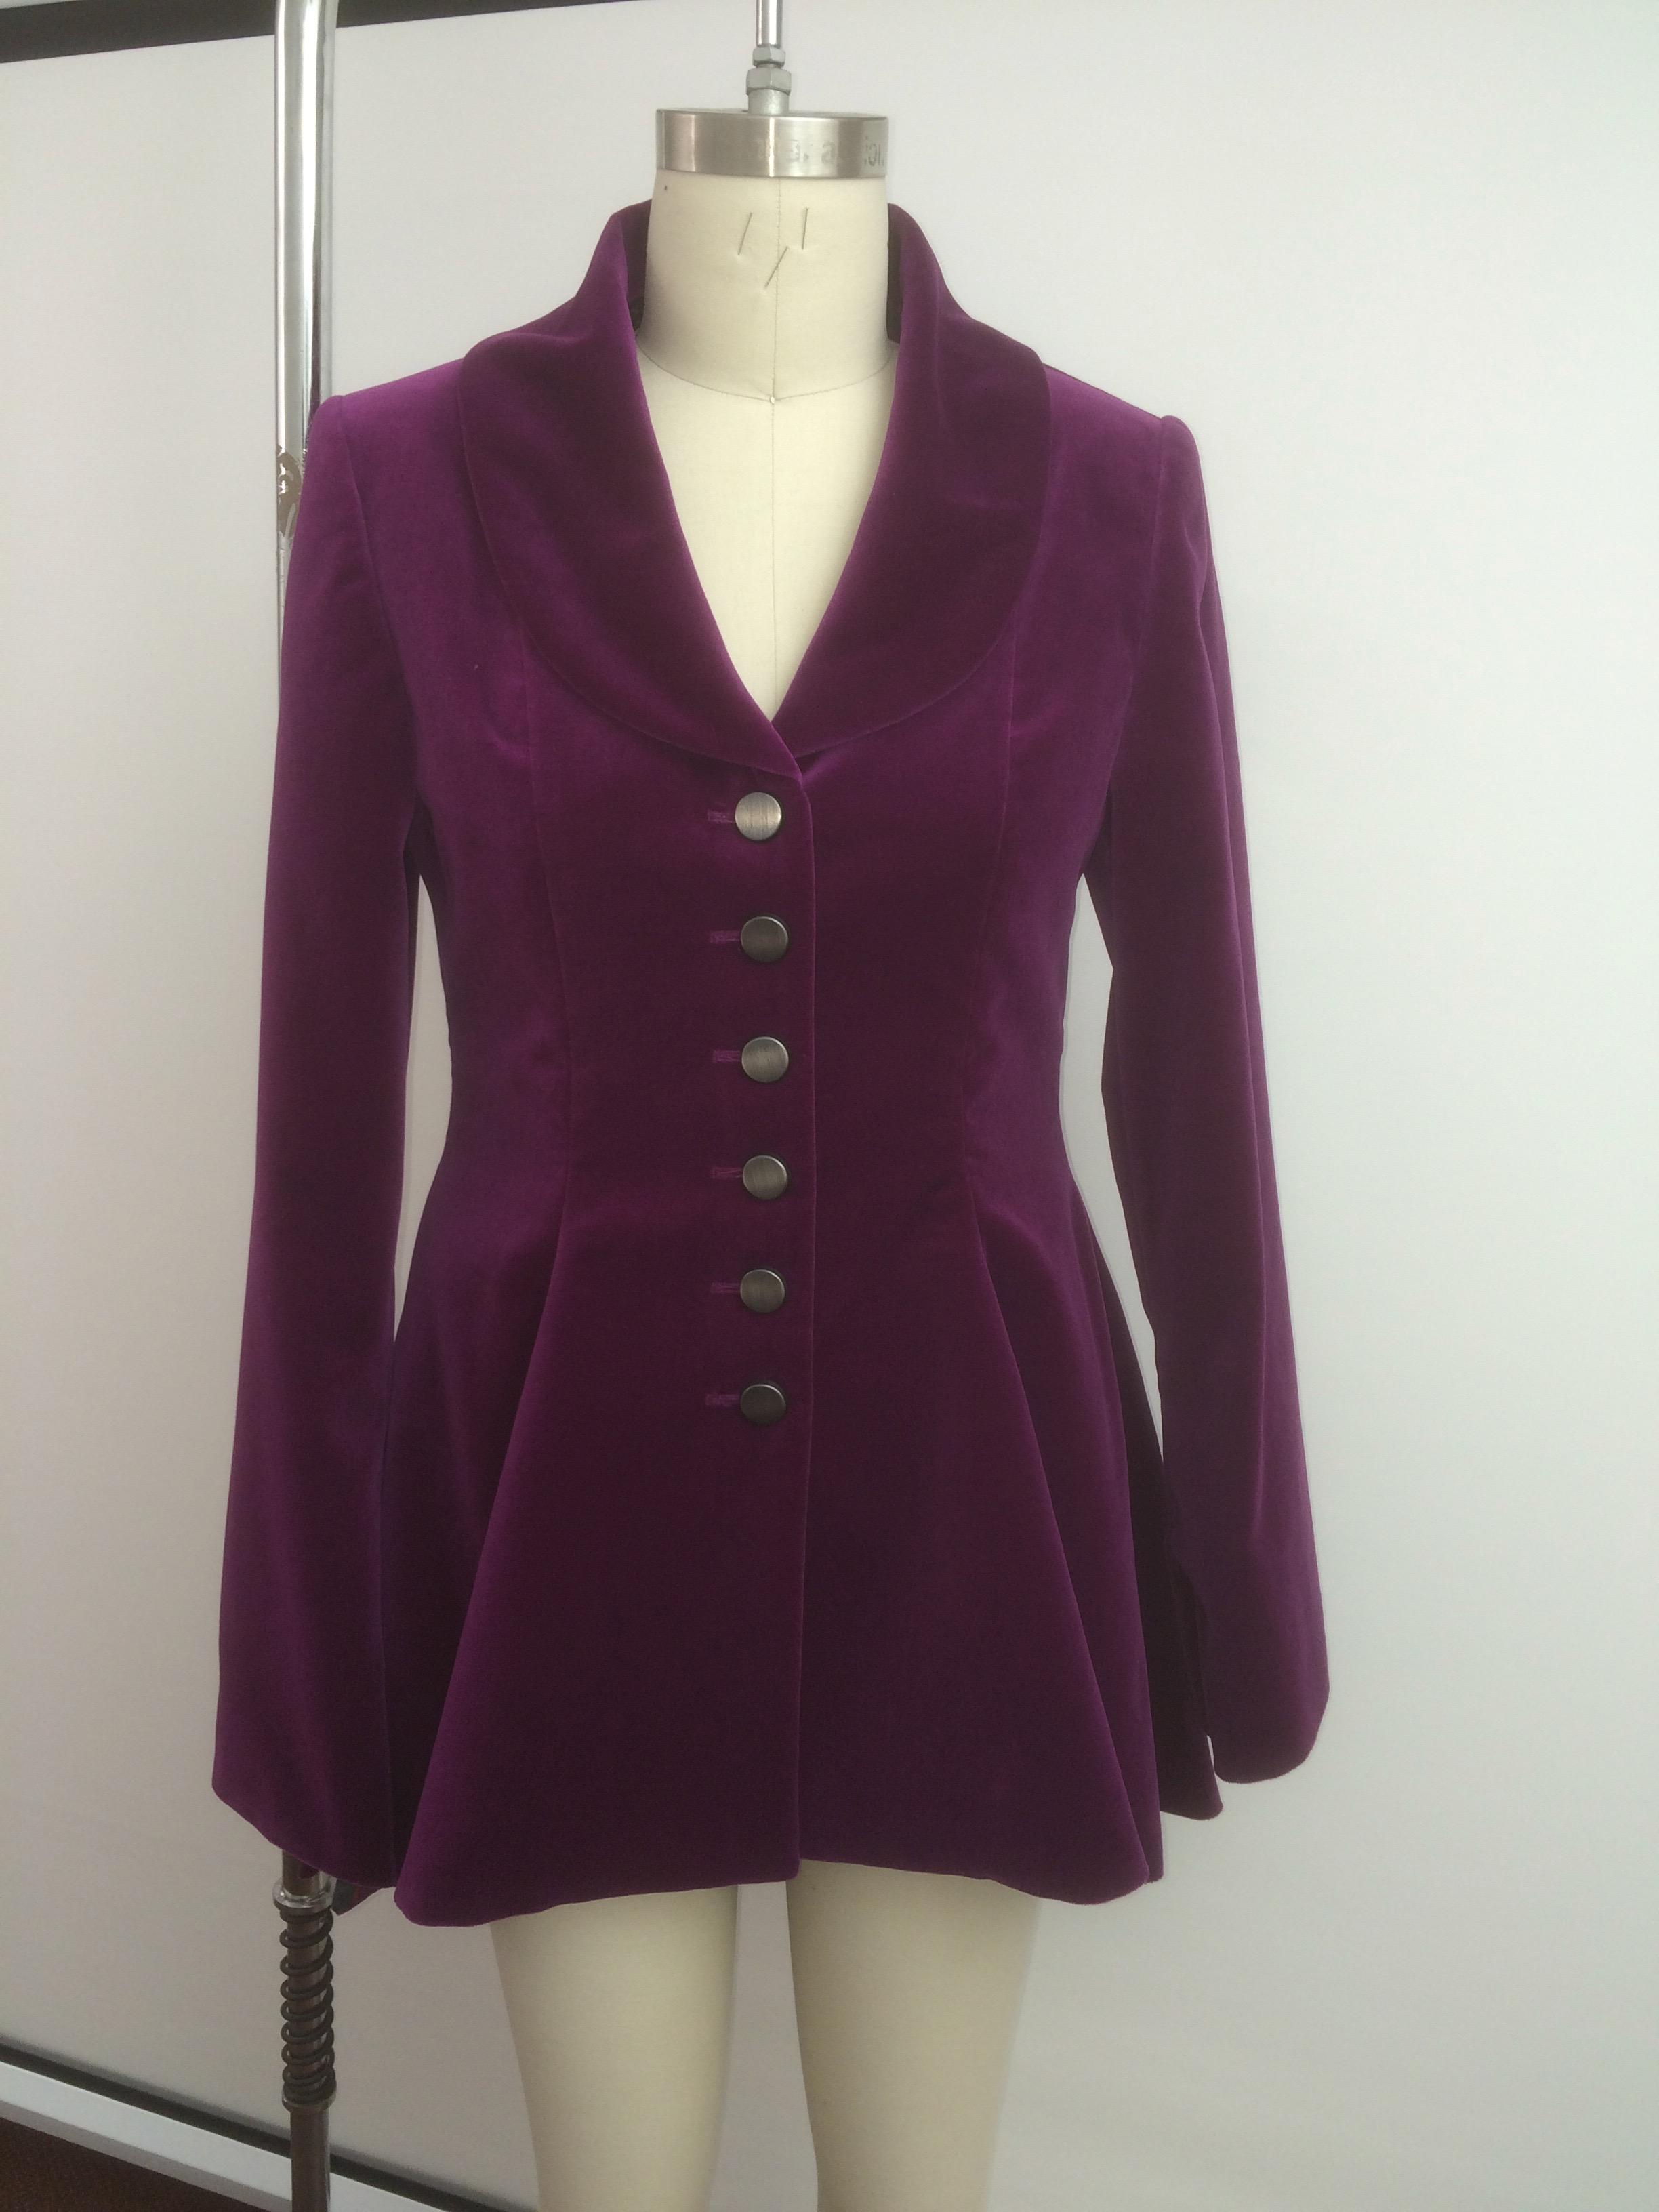 magenta bespoke velvet jacket